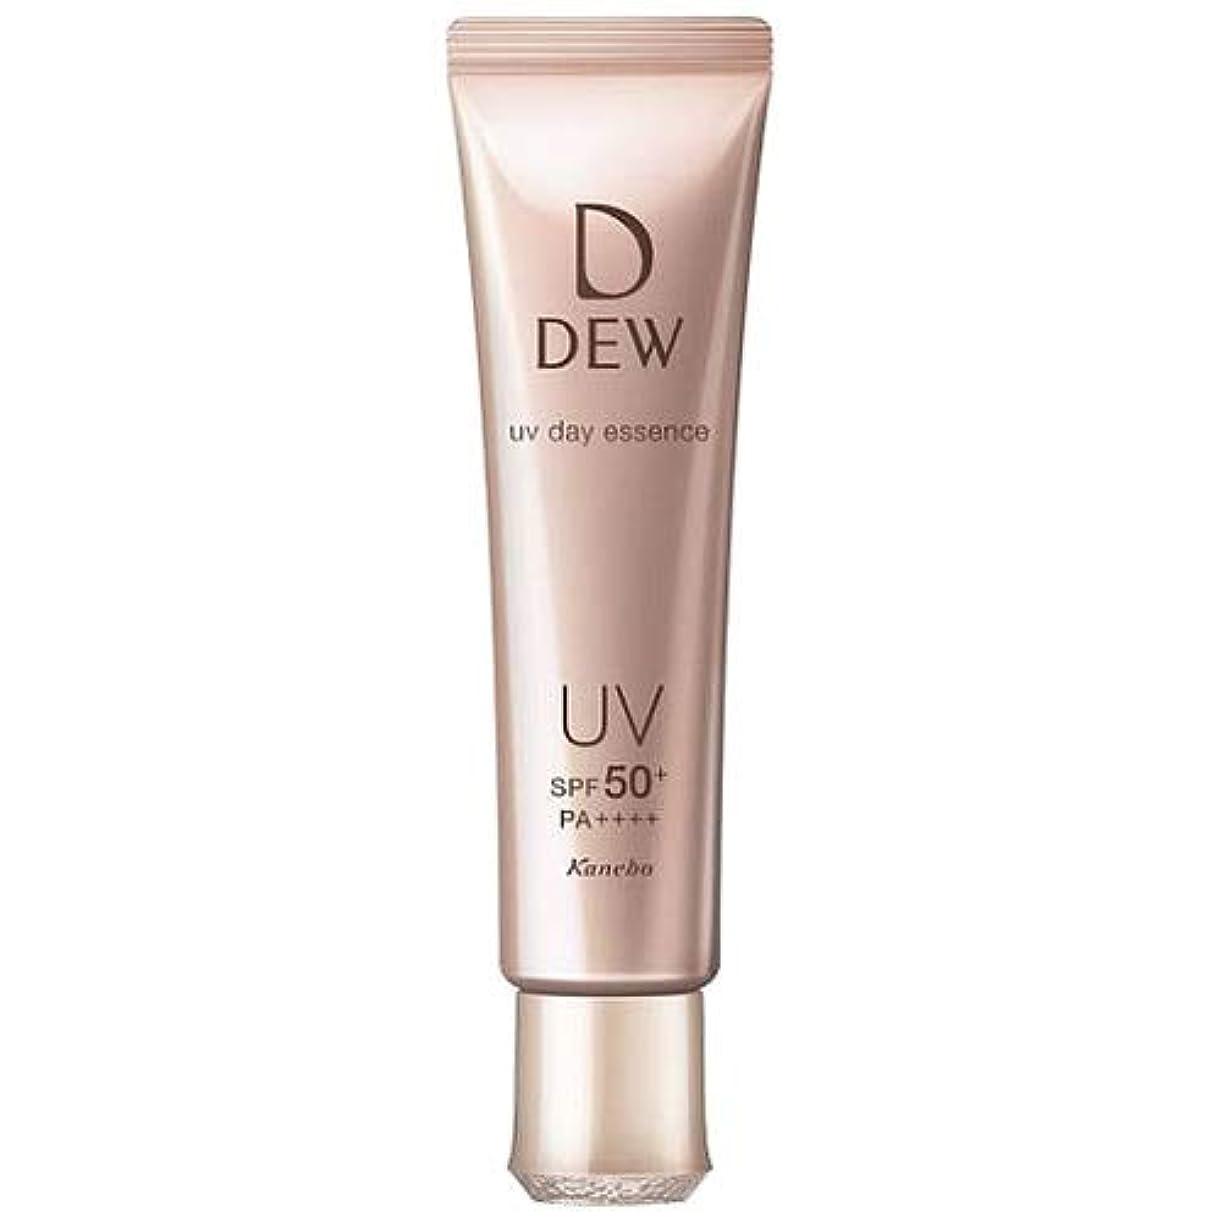 カネボウ DEW UVデイエッセンス 40g UV美容液 SPF50+?PA++++ [並行輸入品]